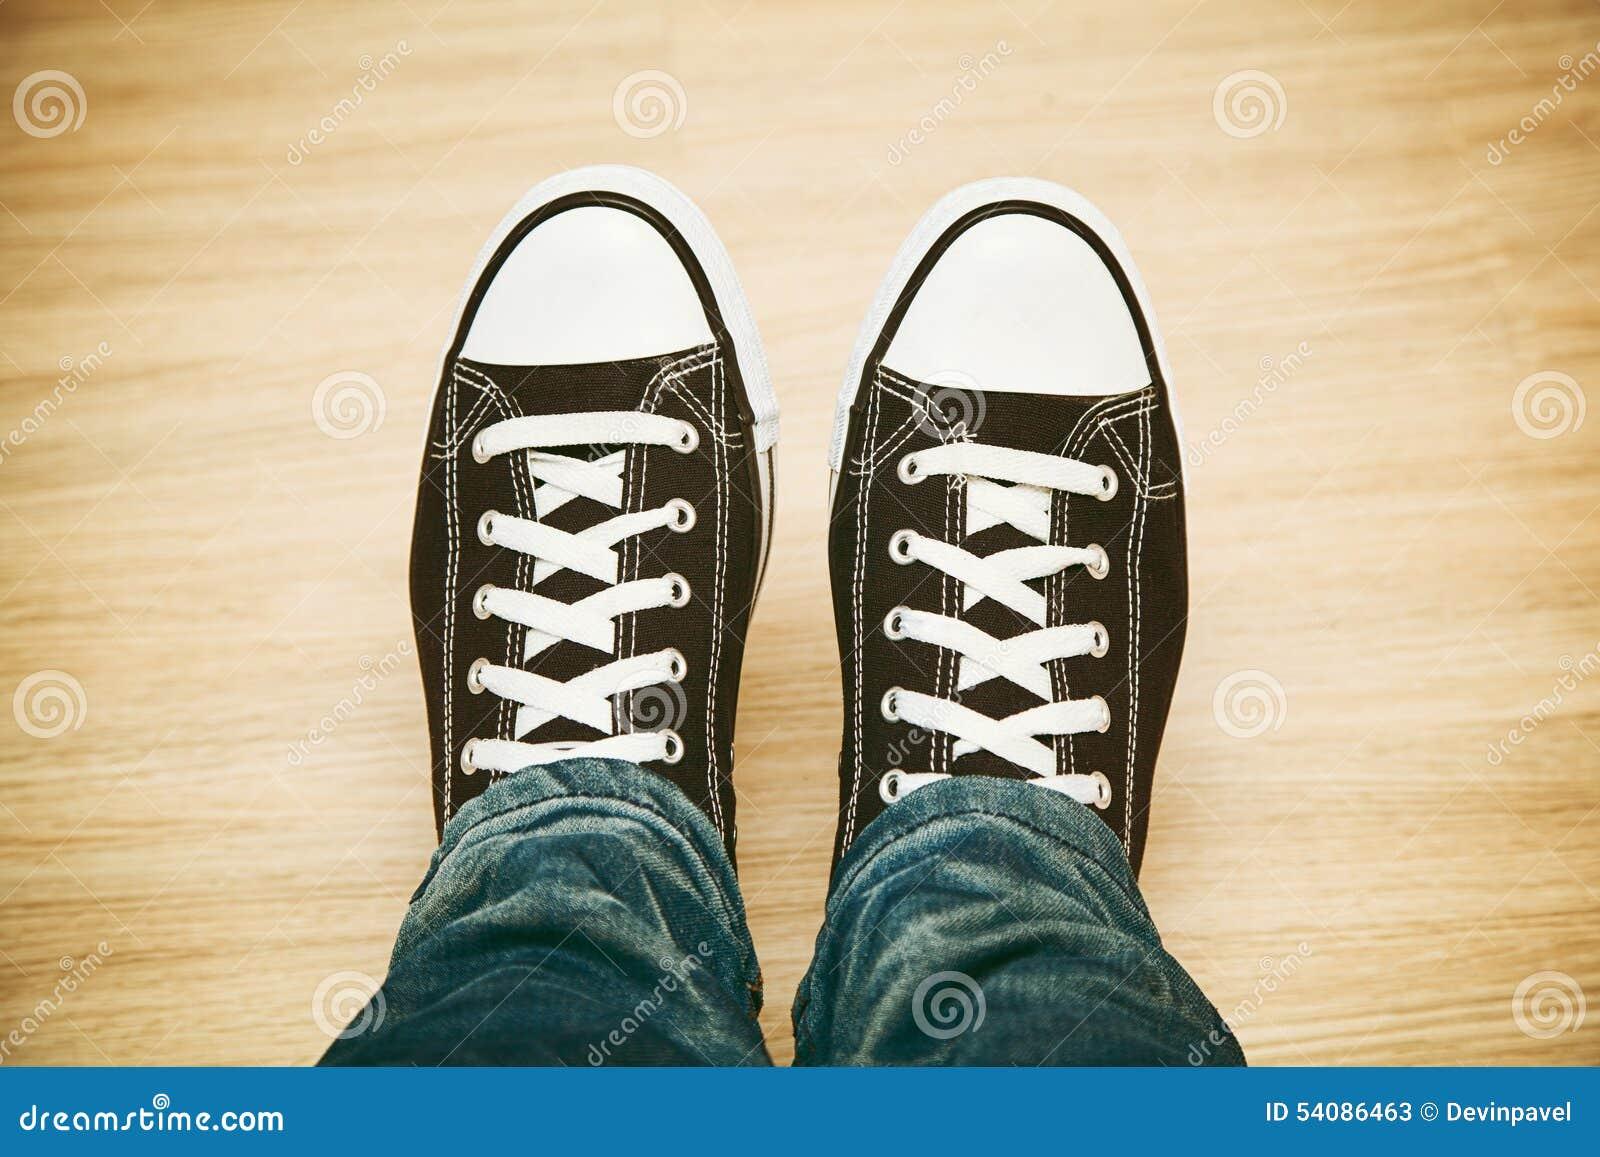 Klassieke zwart-witte tennisschoenen